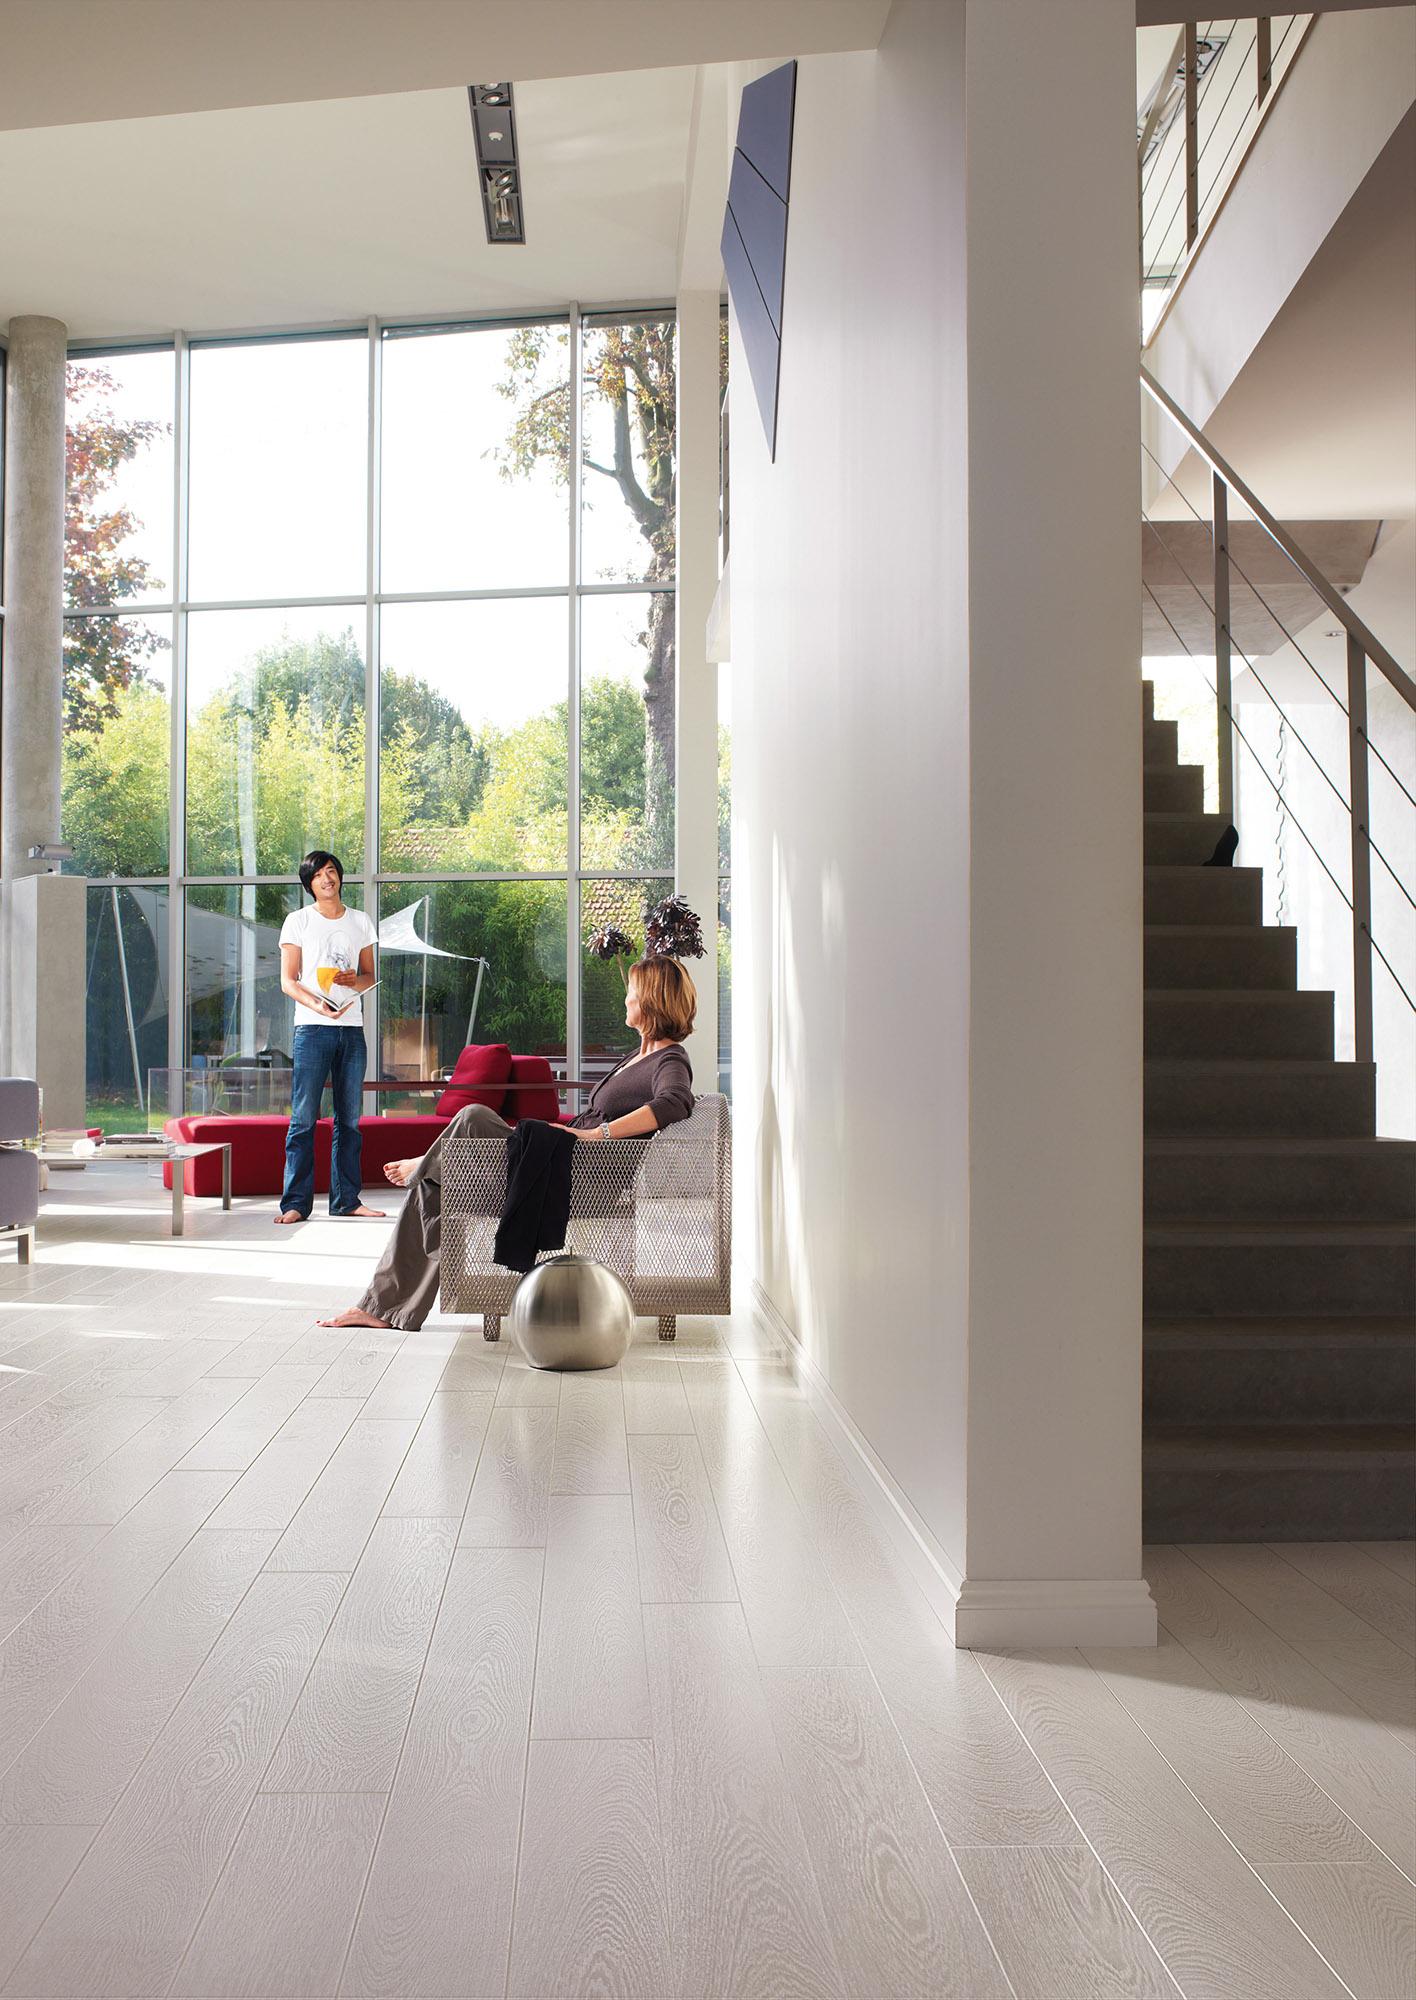 Quickstep perspective wenge passionata uf1300 laminate for Quickstep flooring uk